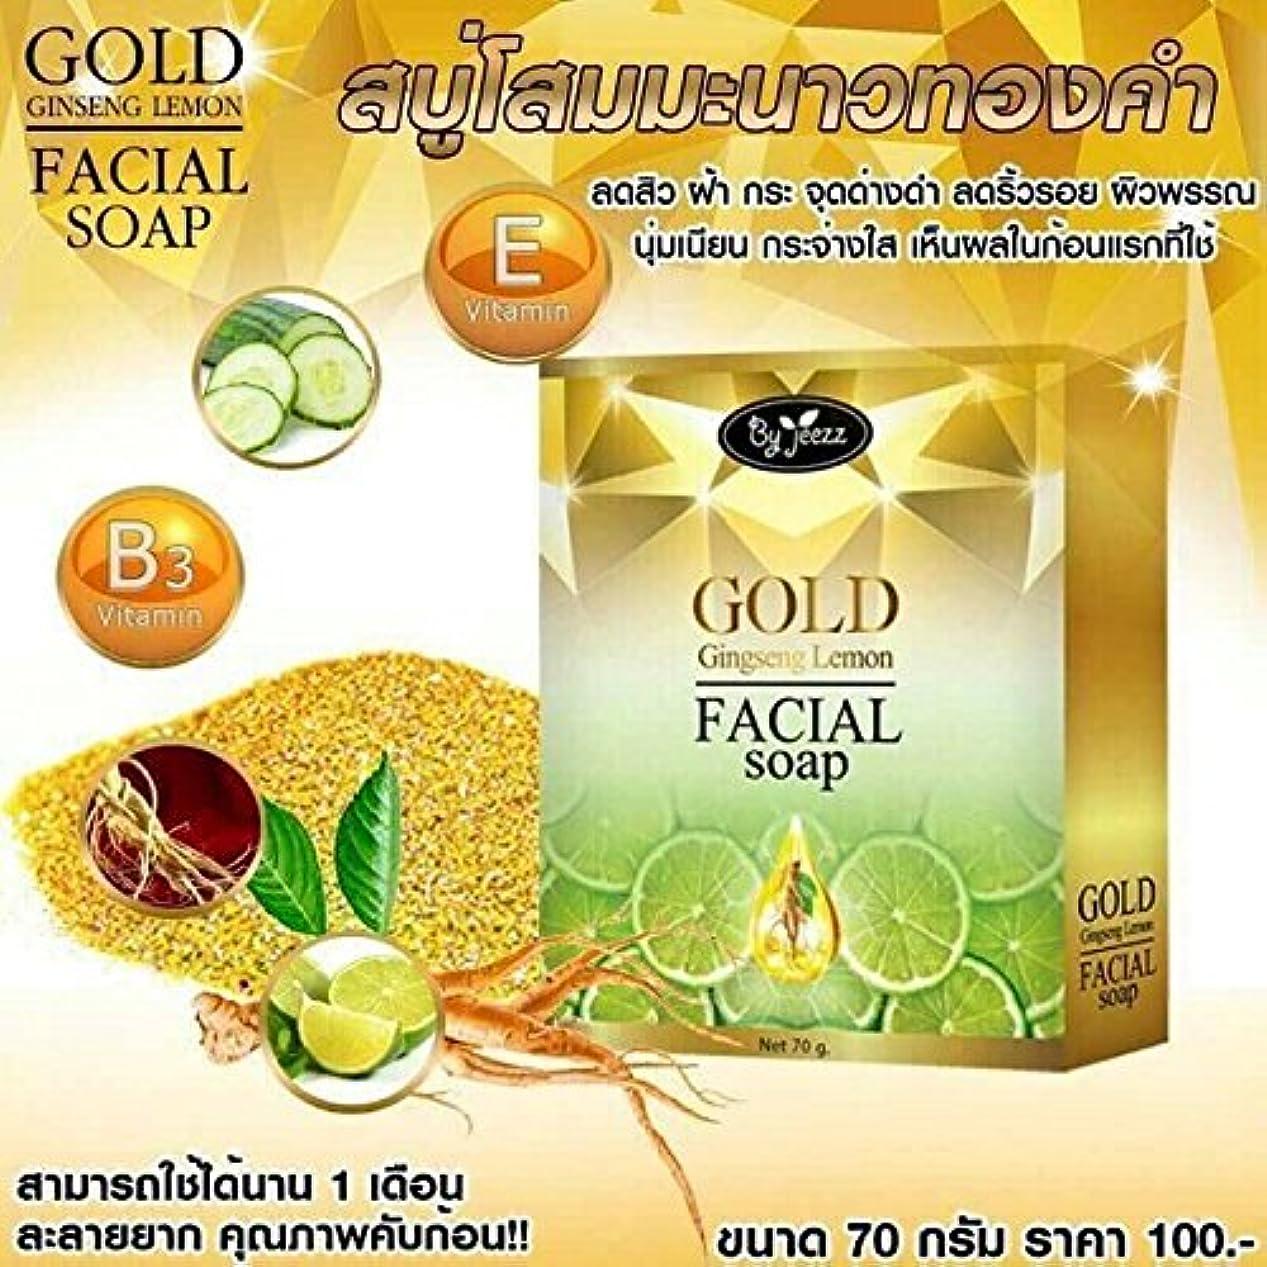 尊敬するクリープショップ1 X Natural Herbal Whitening Soap. Ginseng Lemon Soap (Gold Ginseng Lemon Facial Soap by jeezz) 70 g. Free shipping